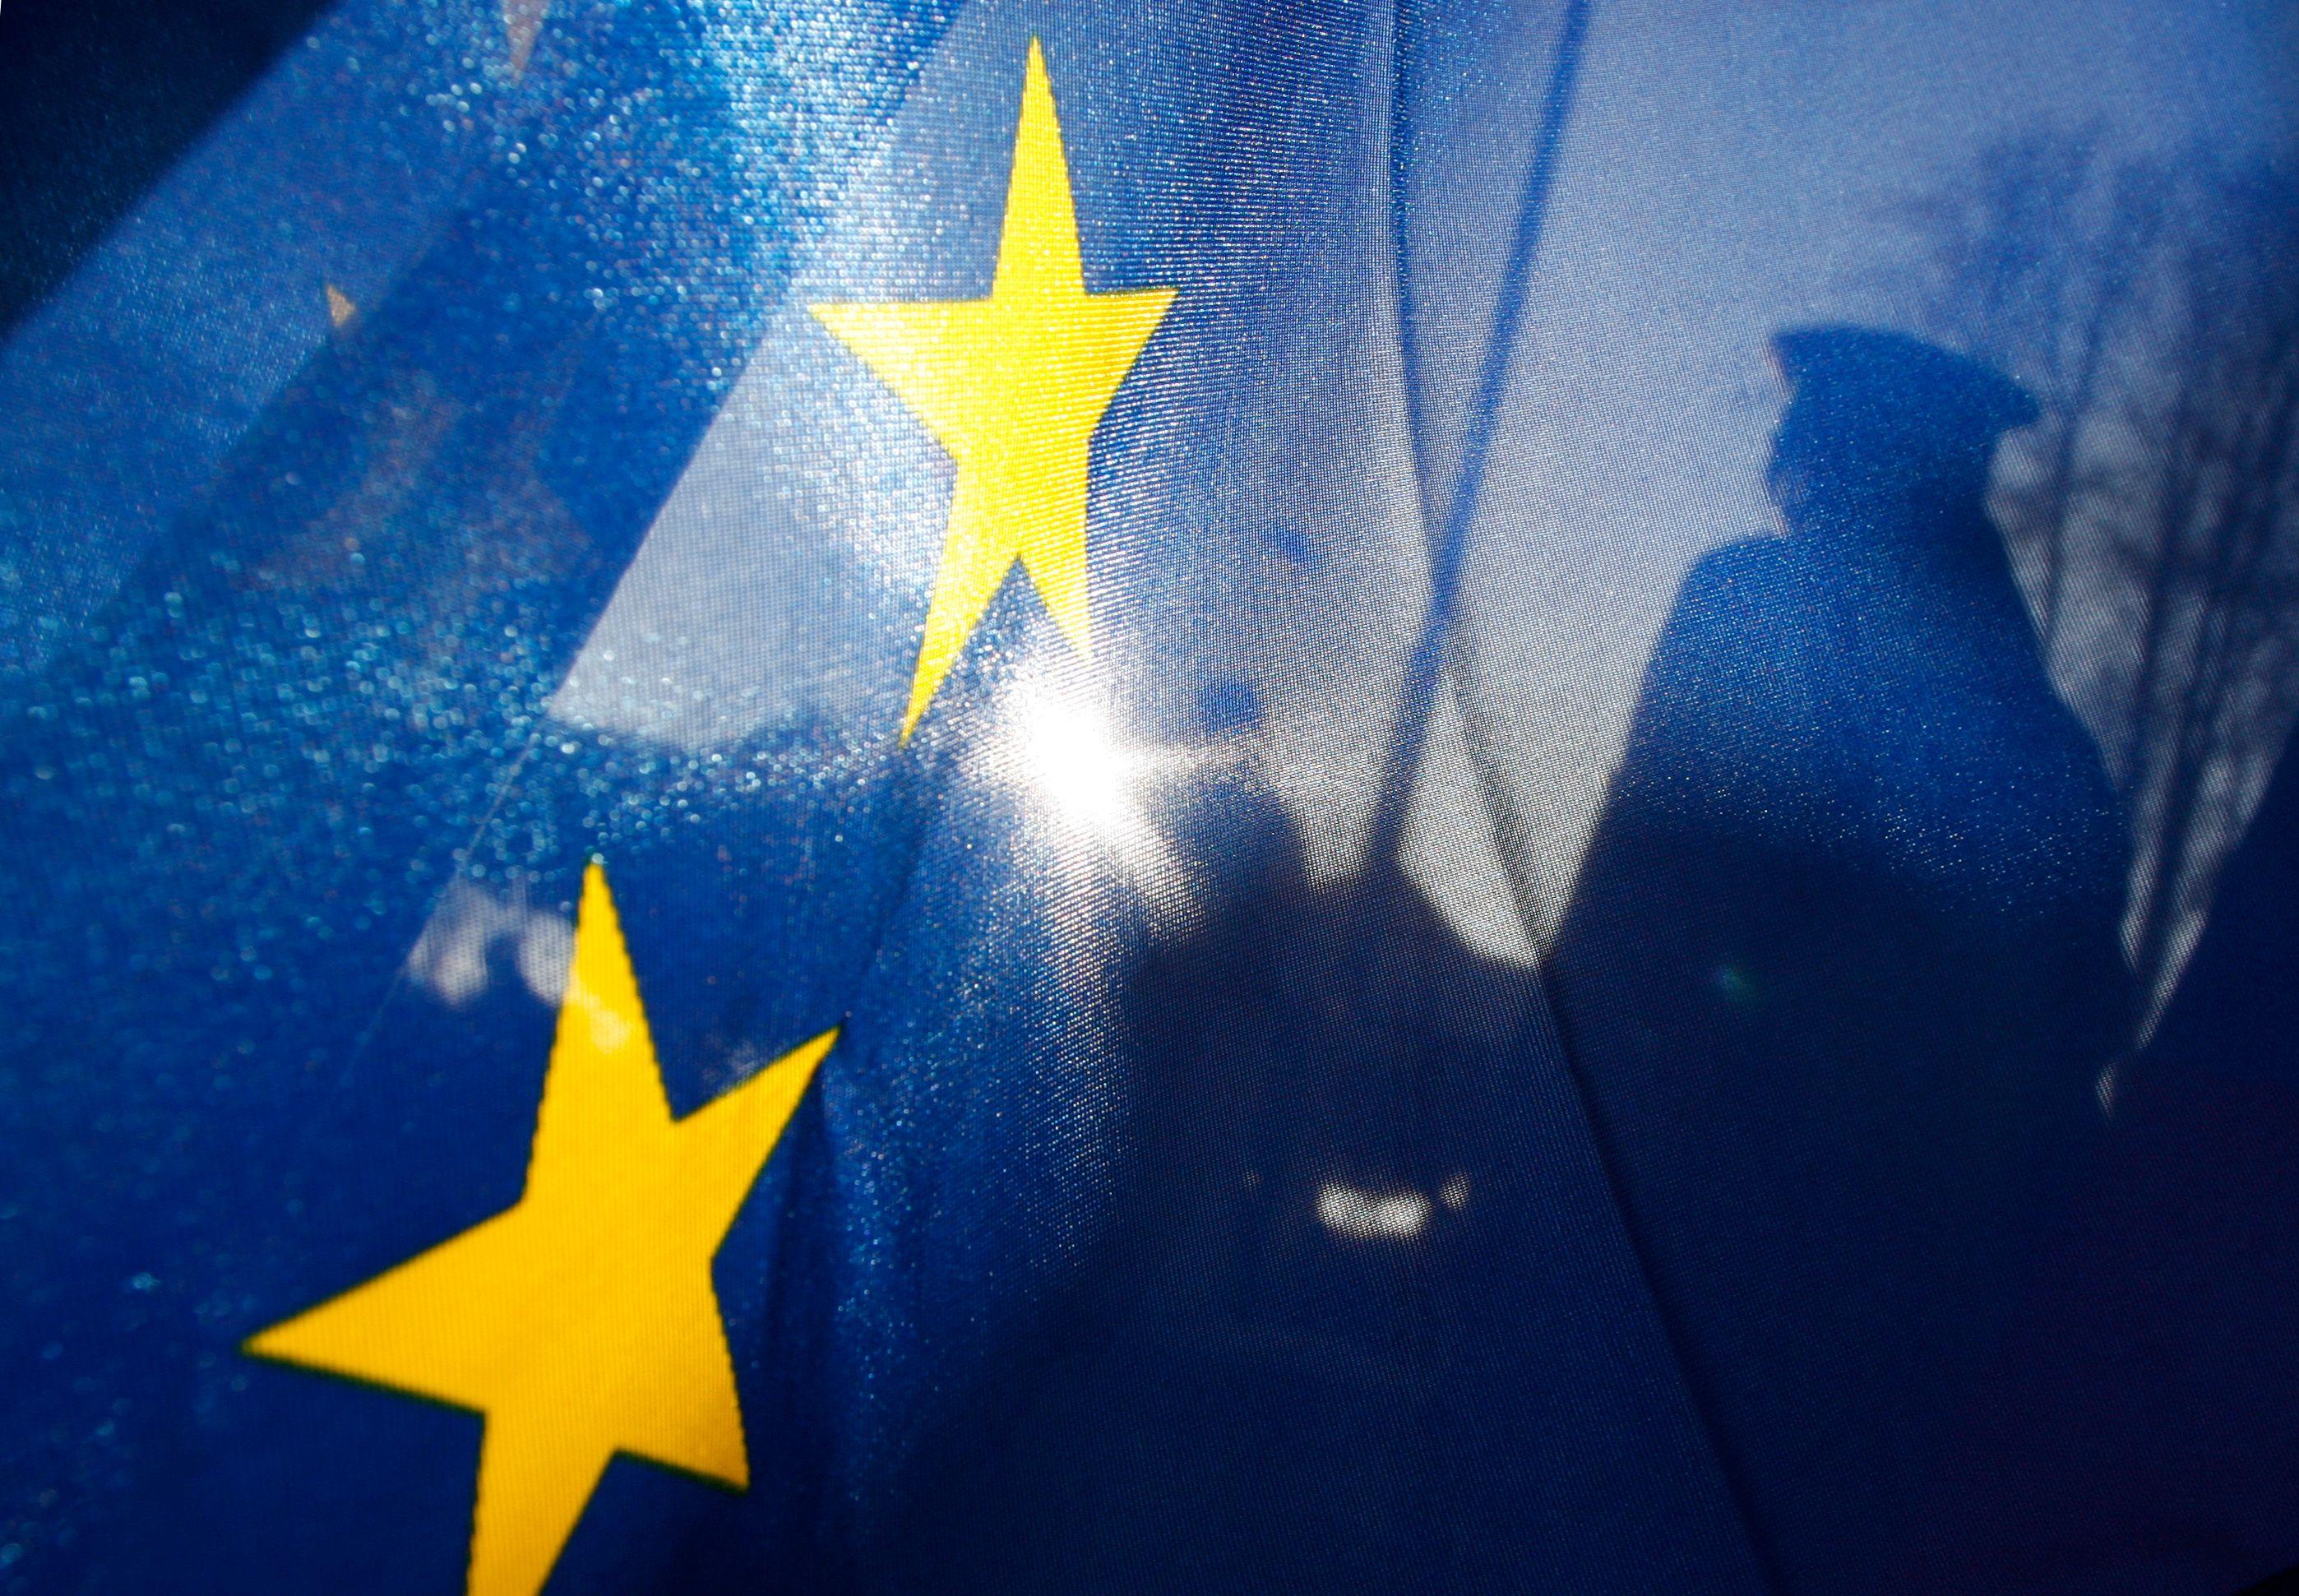 Traité de Lisbonne, 10 ans après : la facture politique est salée